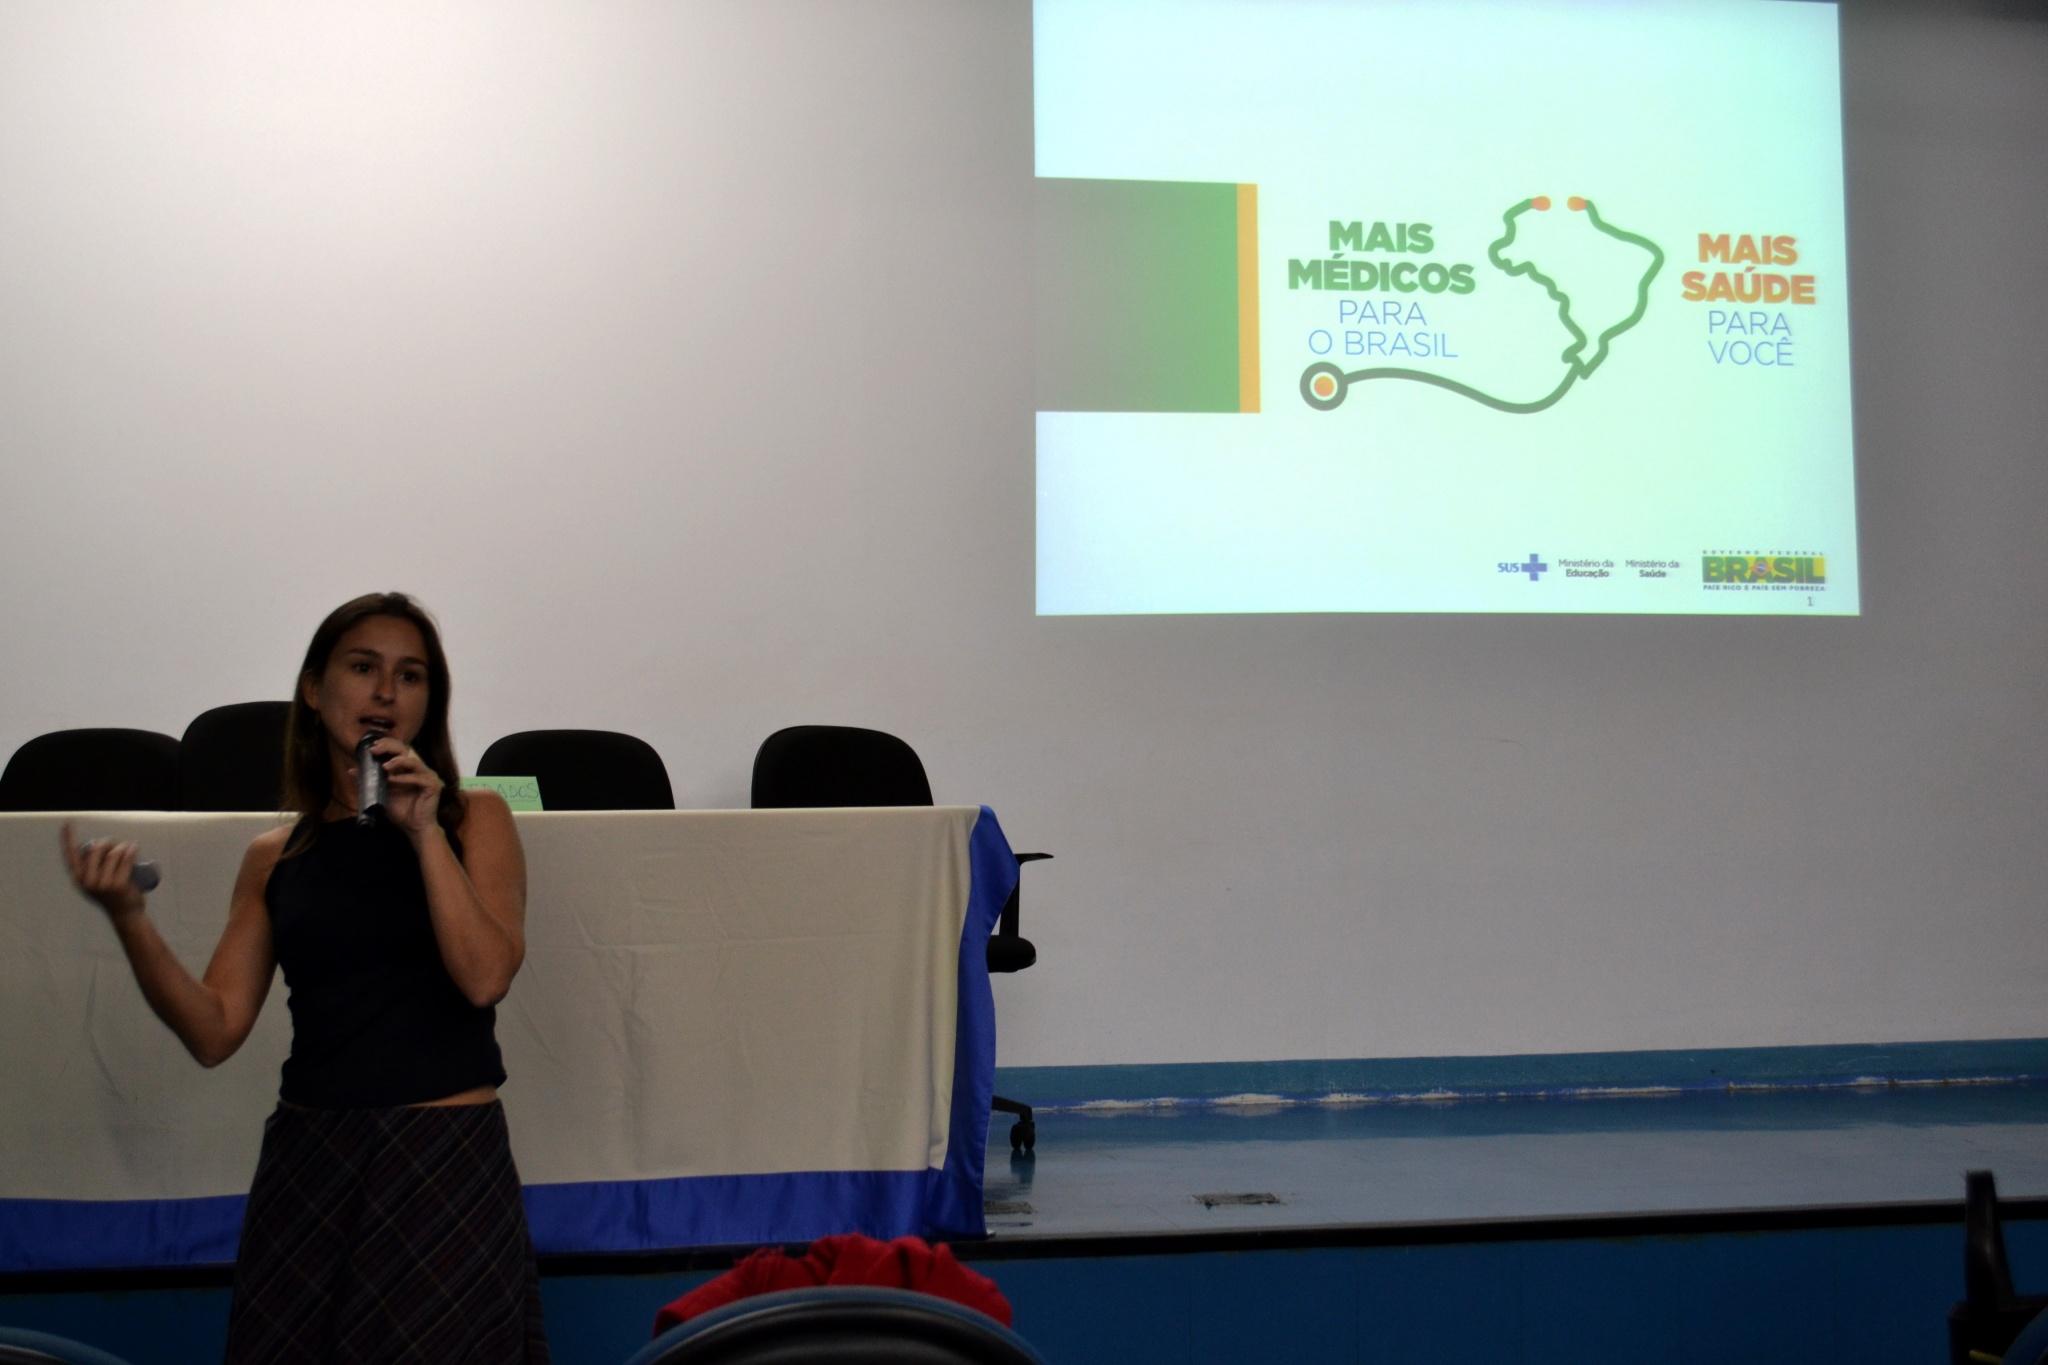 Mariana Campos, representante do Ministério da Saúde (MS) no estado de São Paulo, explica o funcionamento do Programa Mais Médicos/Foto: Camila Delmondes - ARPI - FCM/Unicamp